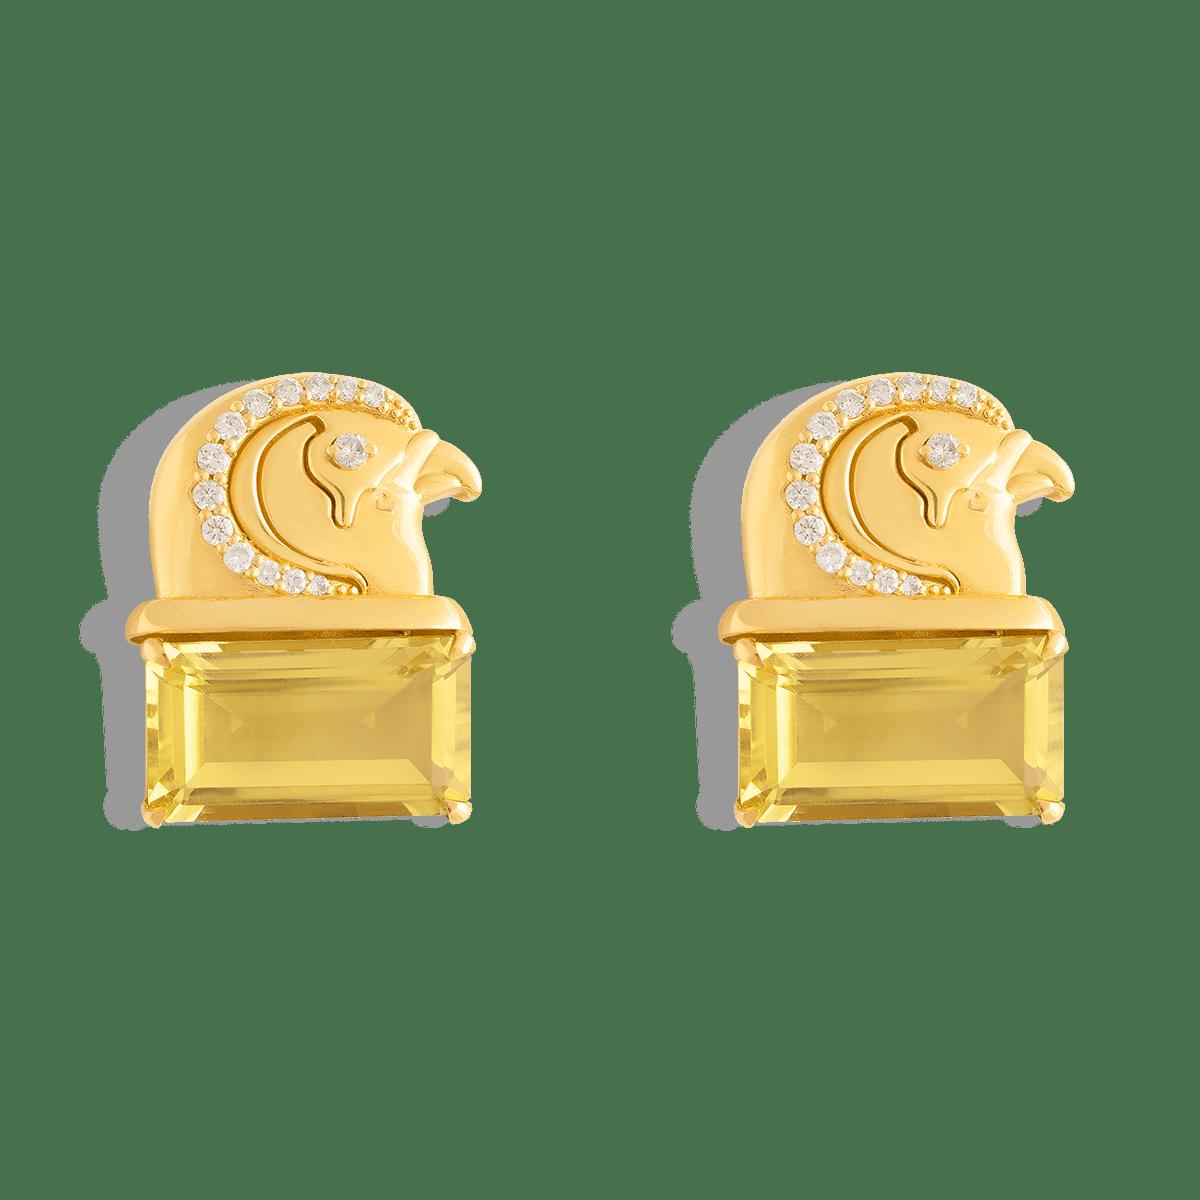 گوشواره طلا طوطی